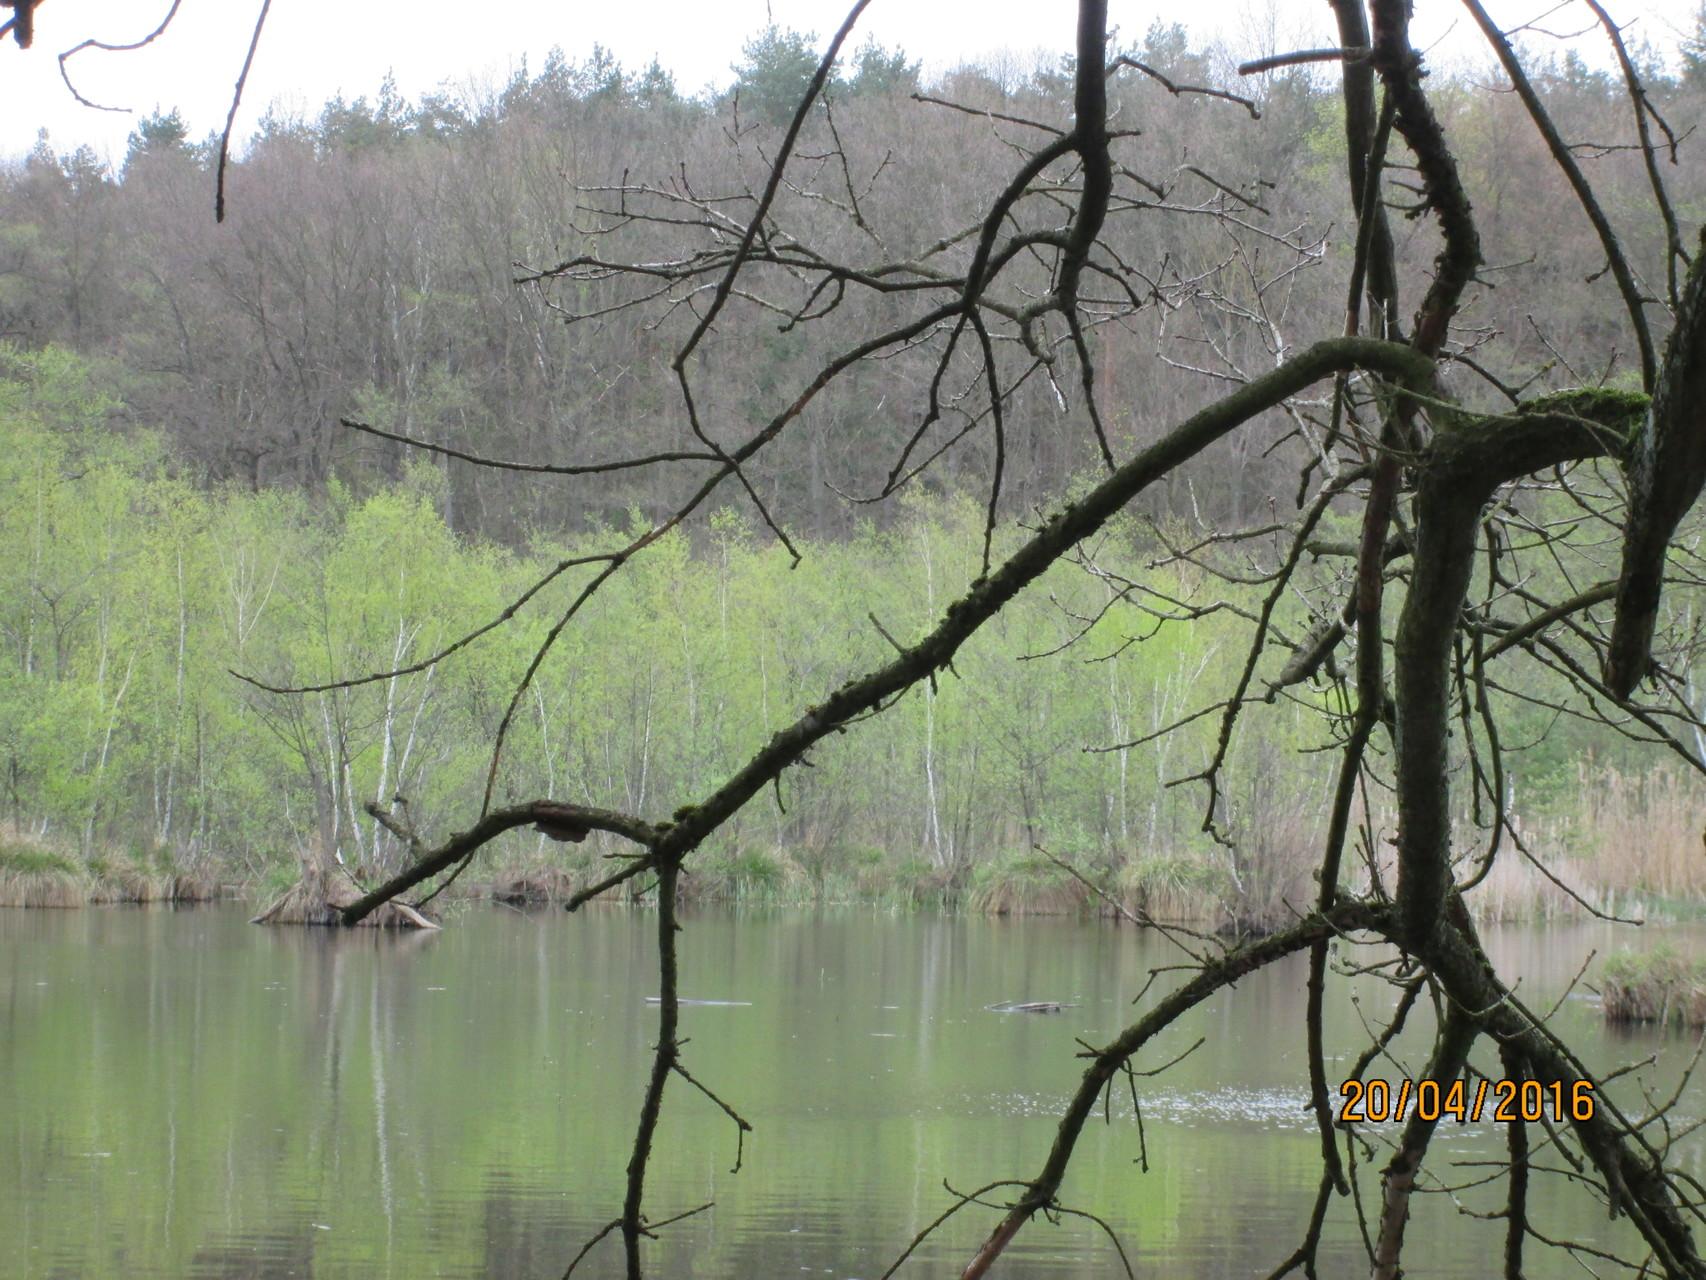 wenn sogar das Schilf wieder aus trockenen Stümpfen sprießt und die Birken ausschlagen...